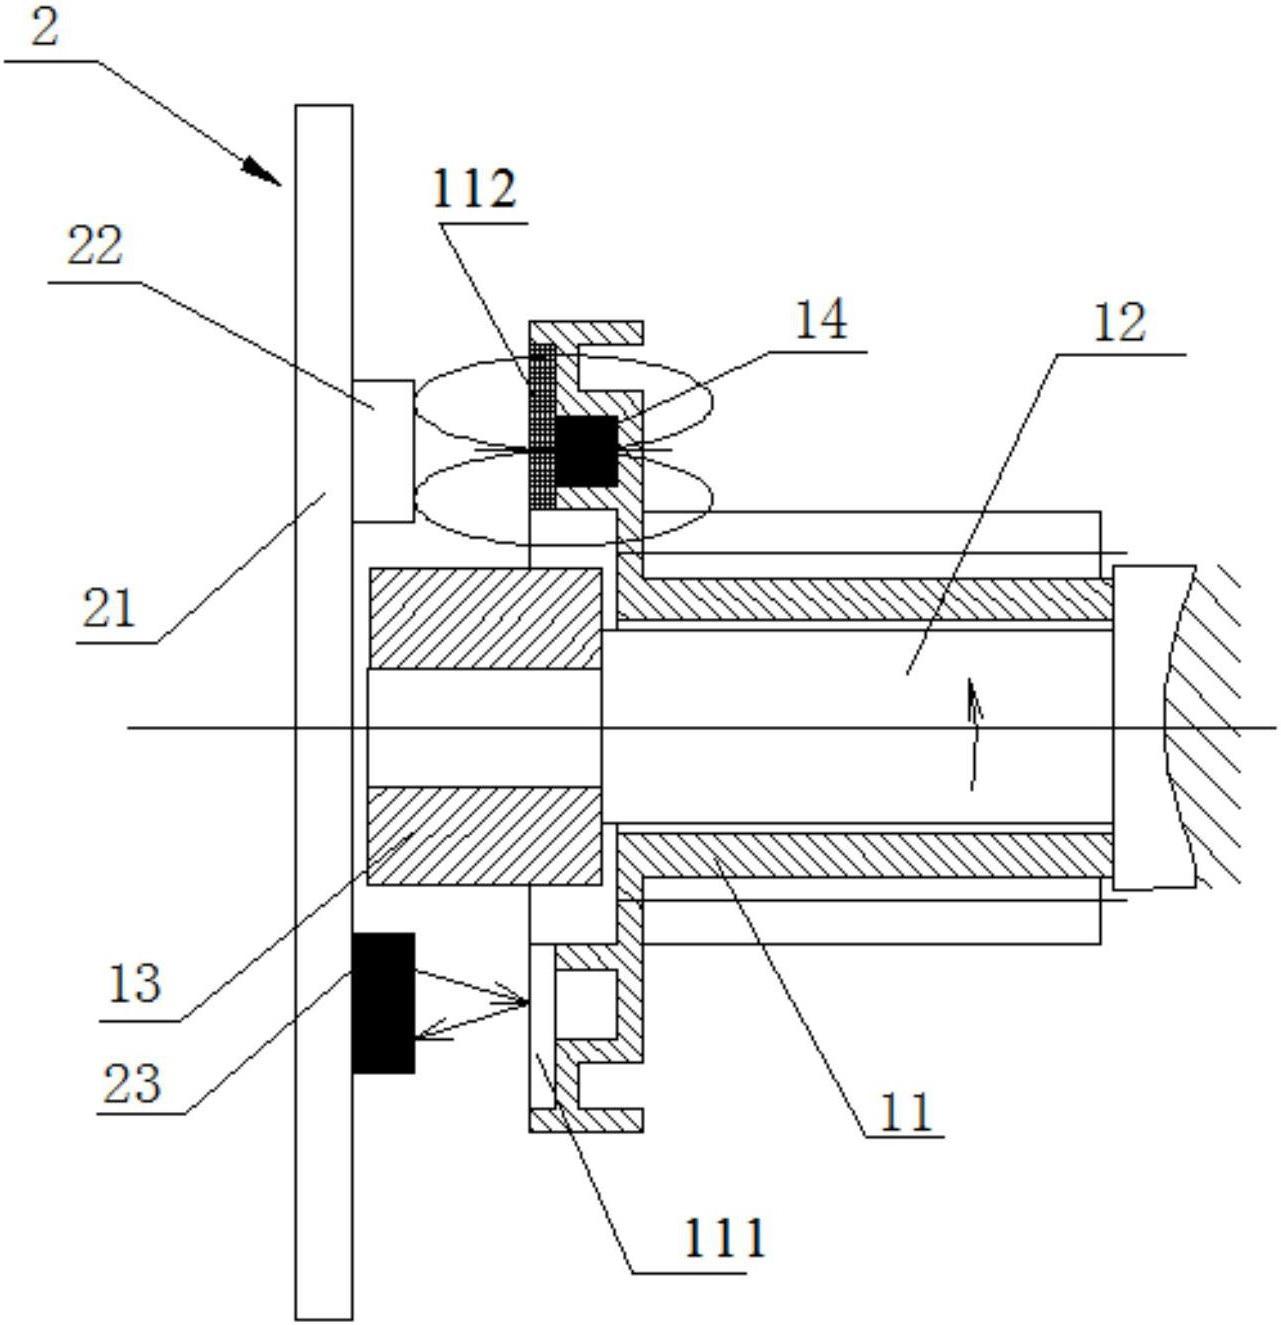 其特征在于,所述采样控制装置包括至少两个磁敏元件,至少两个光敏元件